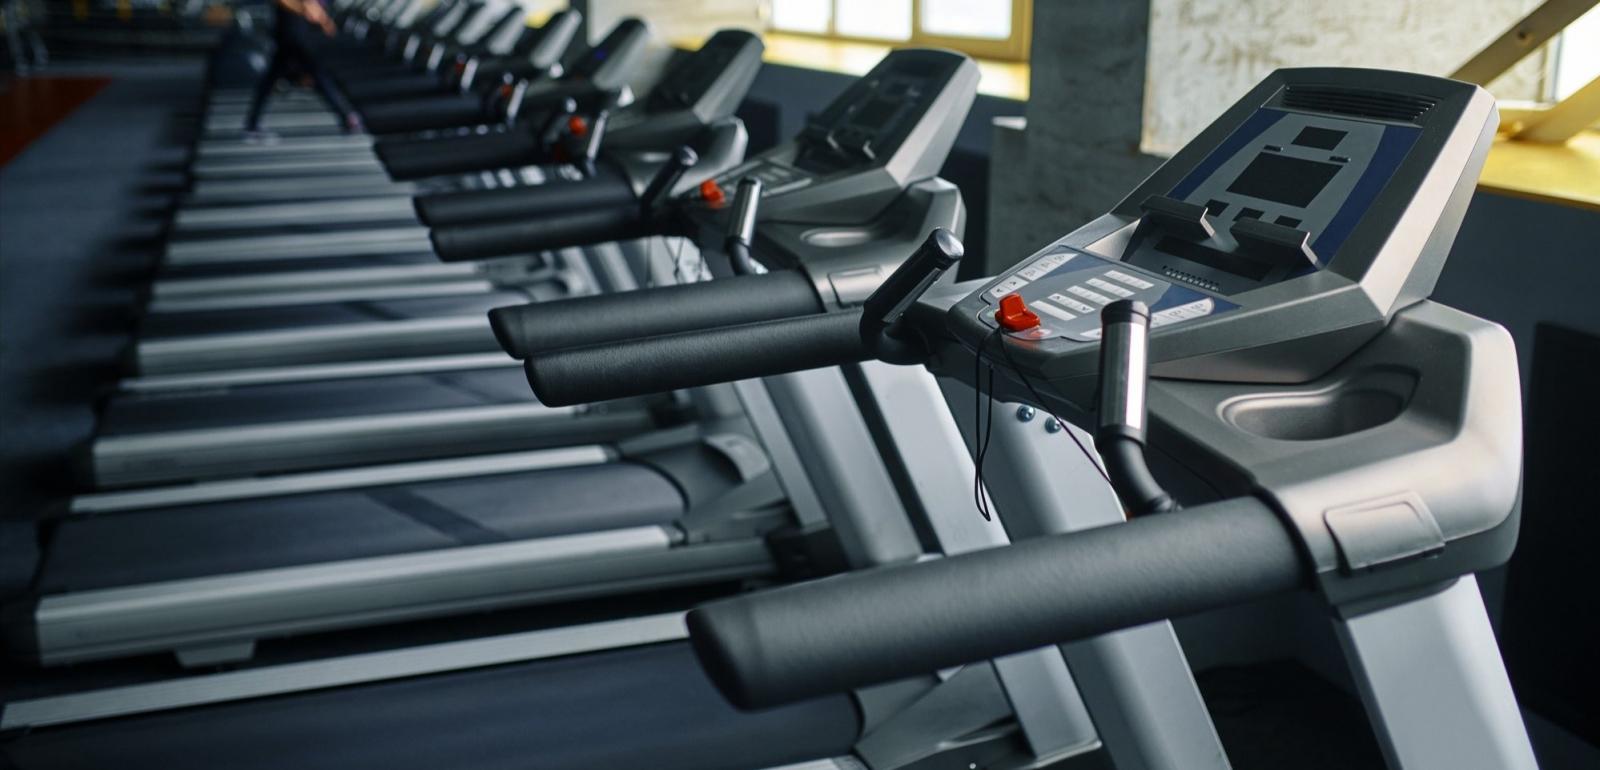 國民運動中心健身房調查